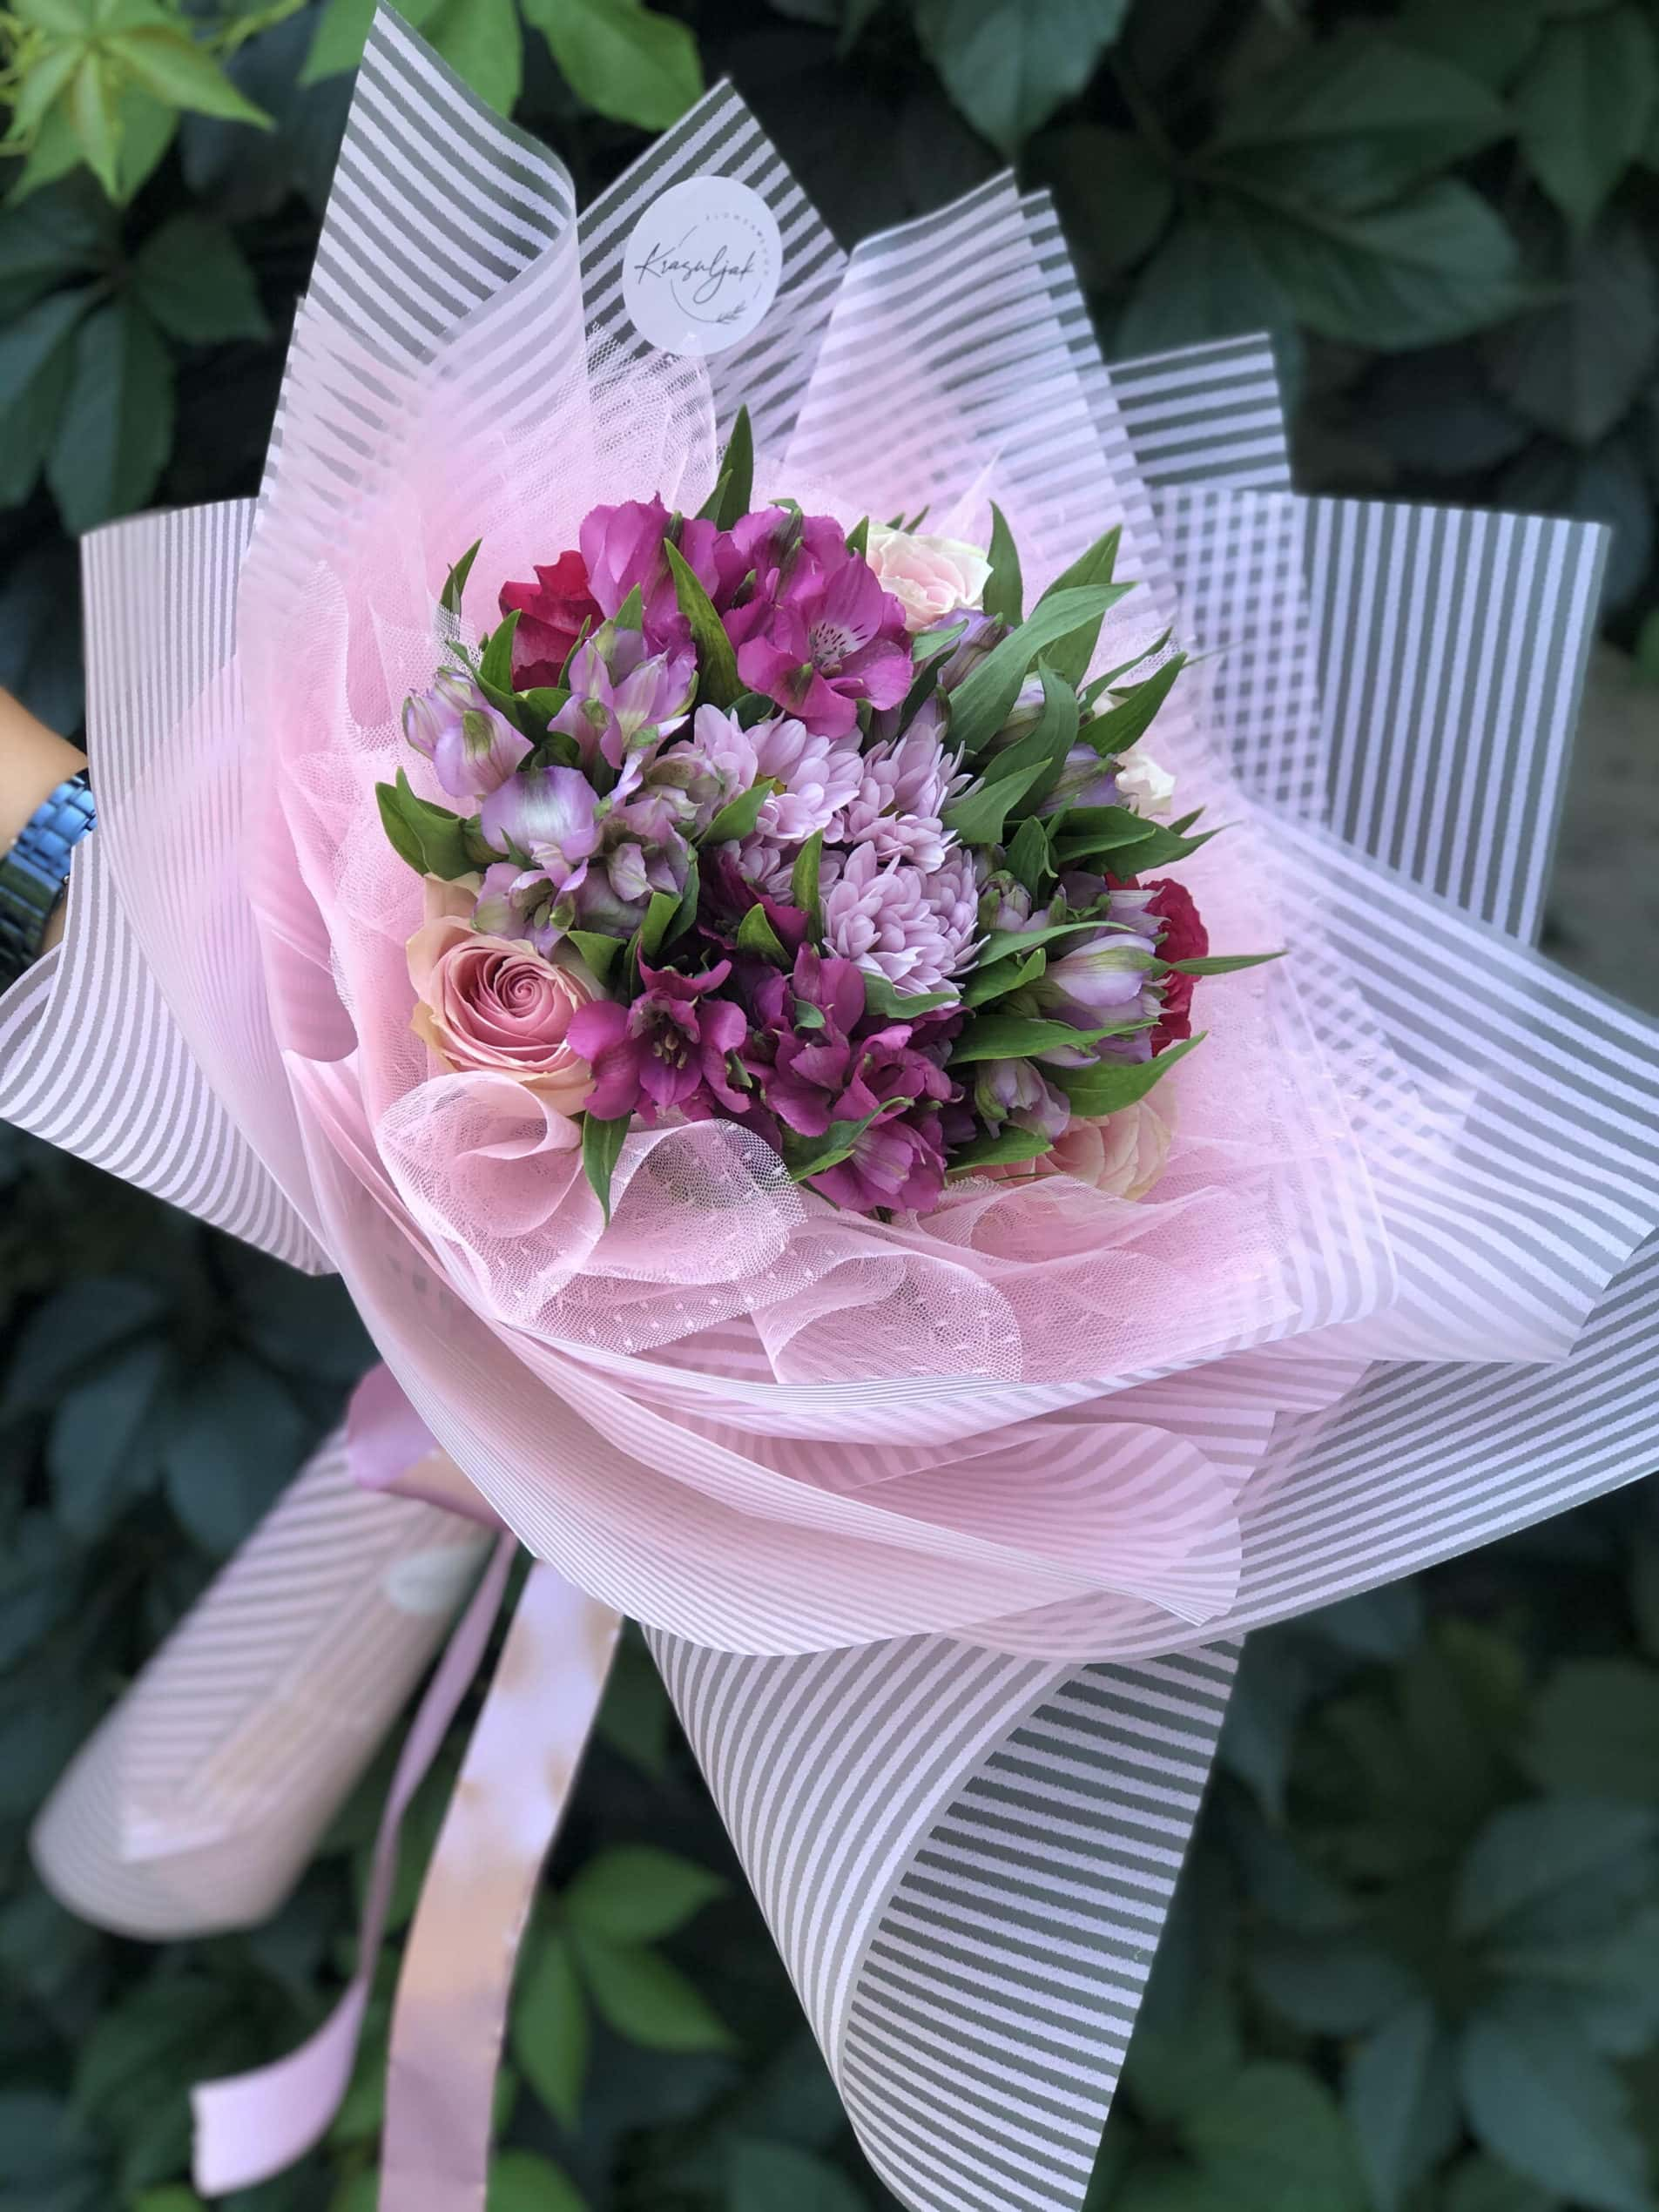 Cveće- Buket cveća, šareni, ukrasni papir, mašna